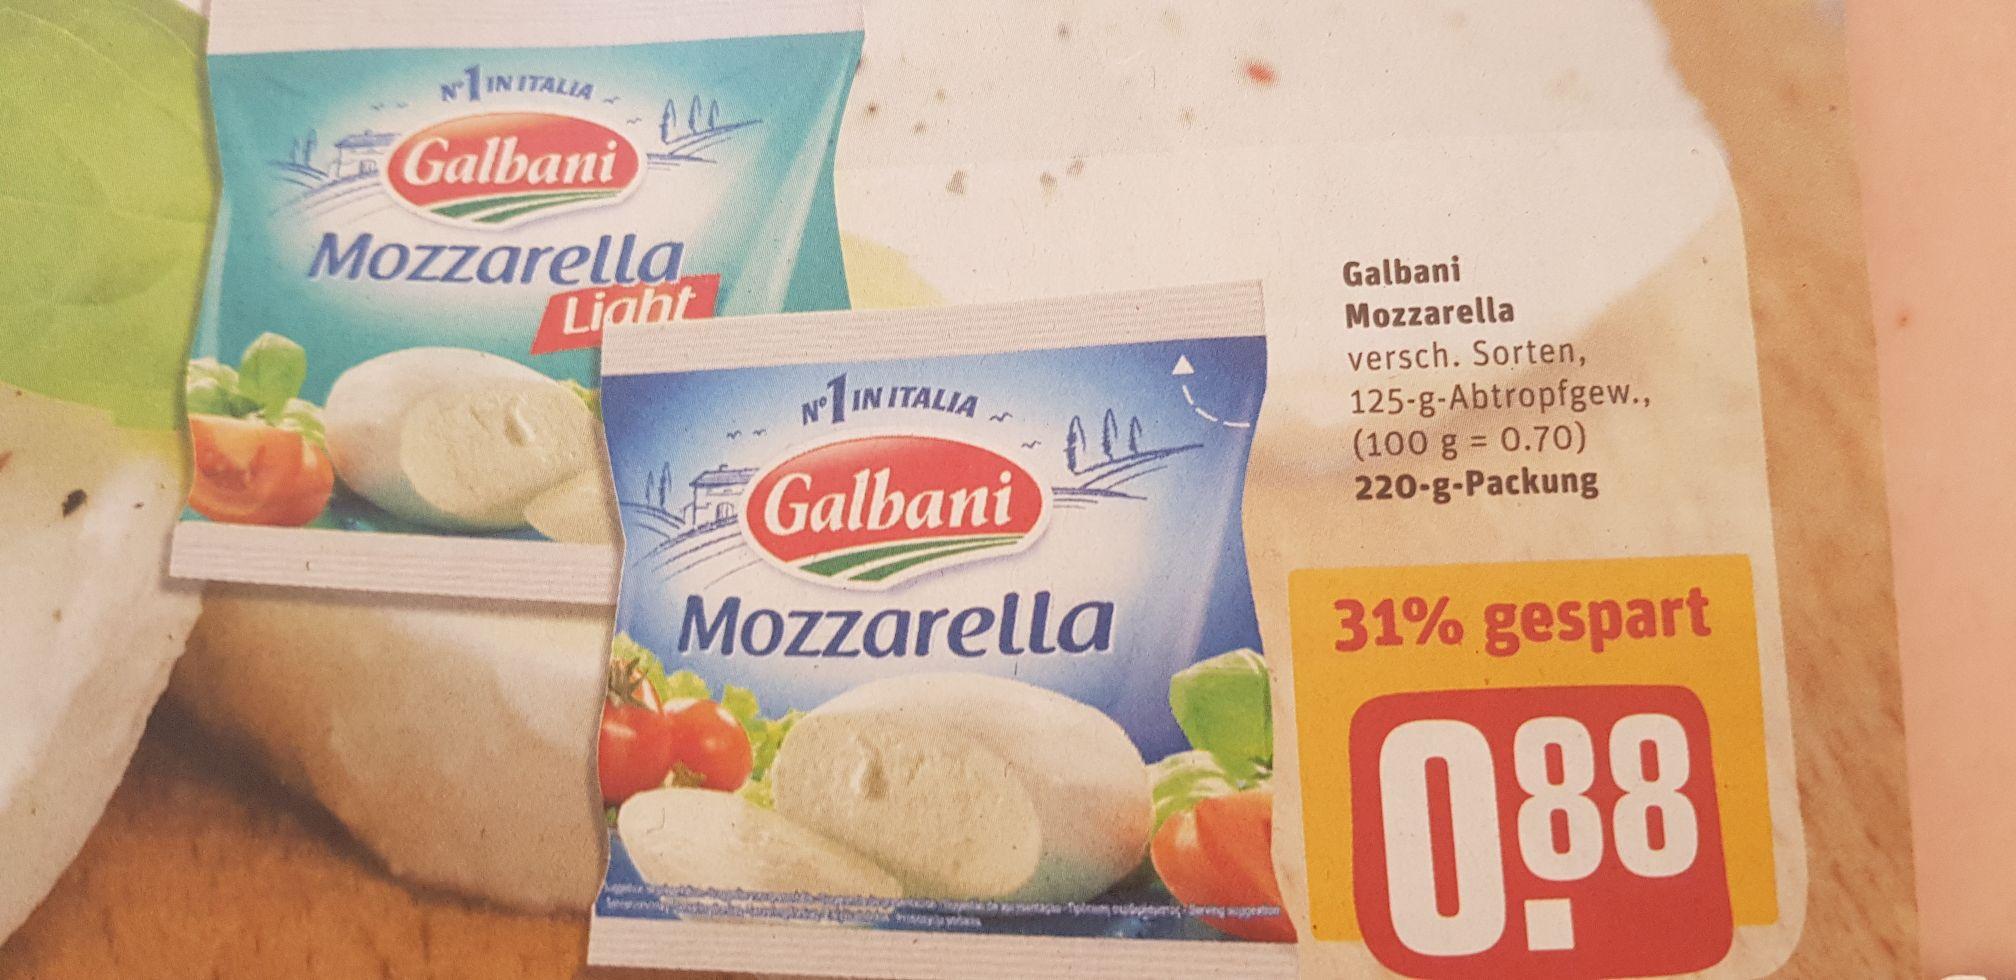 Galbani Mozzarella 125g Beutel nur 0,38/Stk beim Kauf von Zwei Beuteln [Rewe Angebot+Coupon]